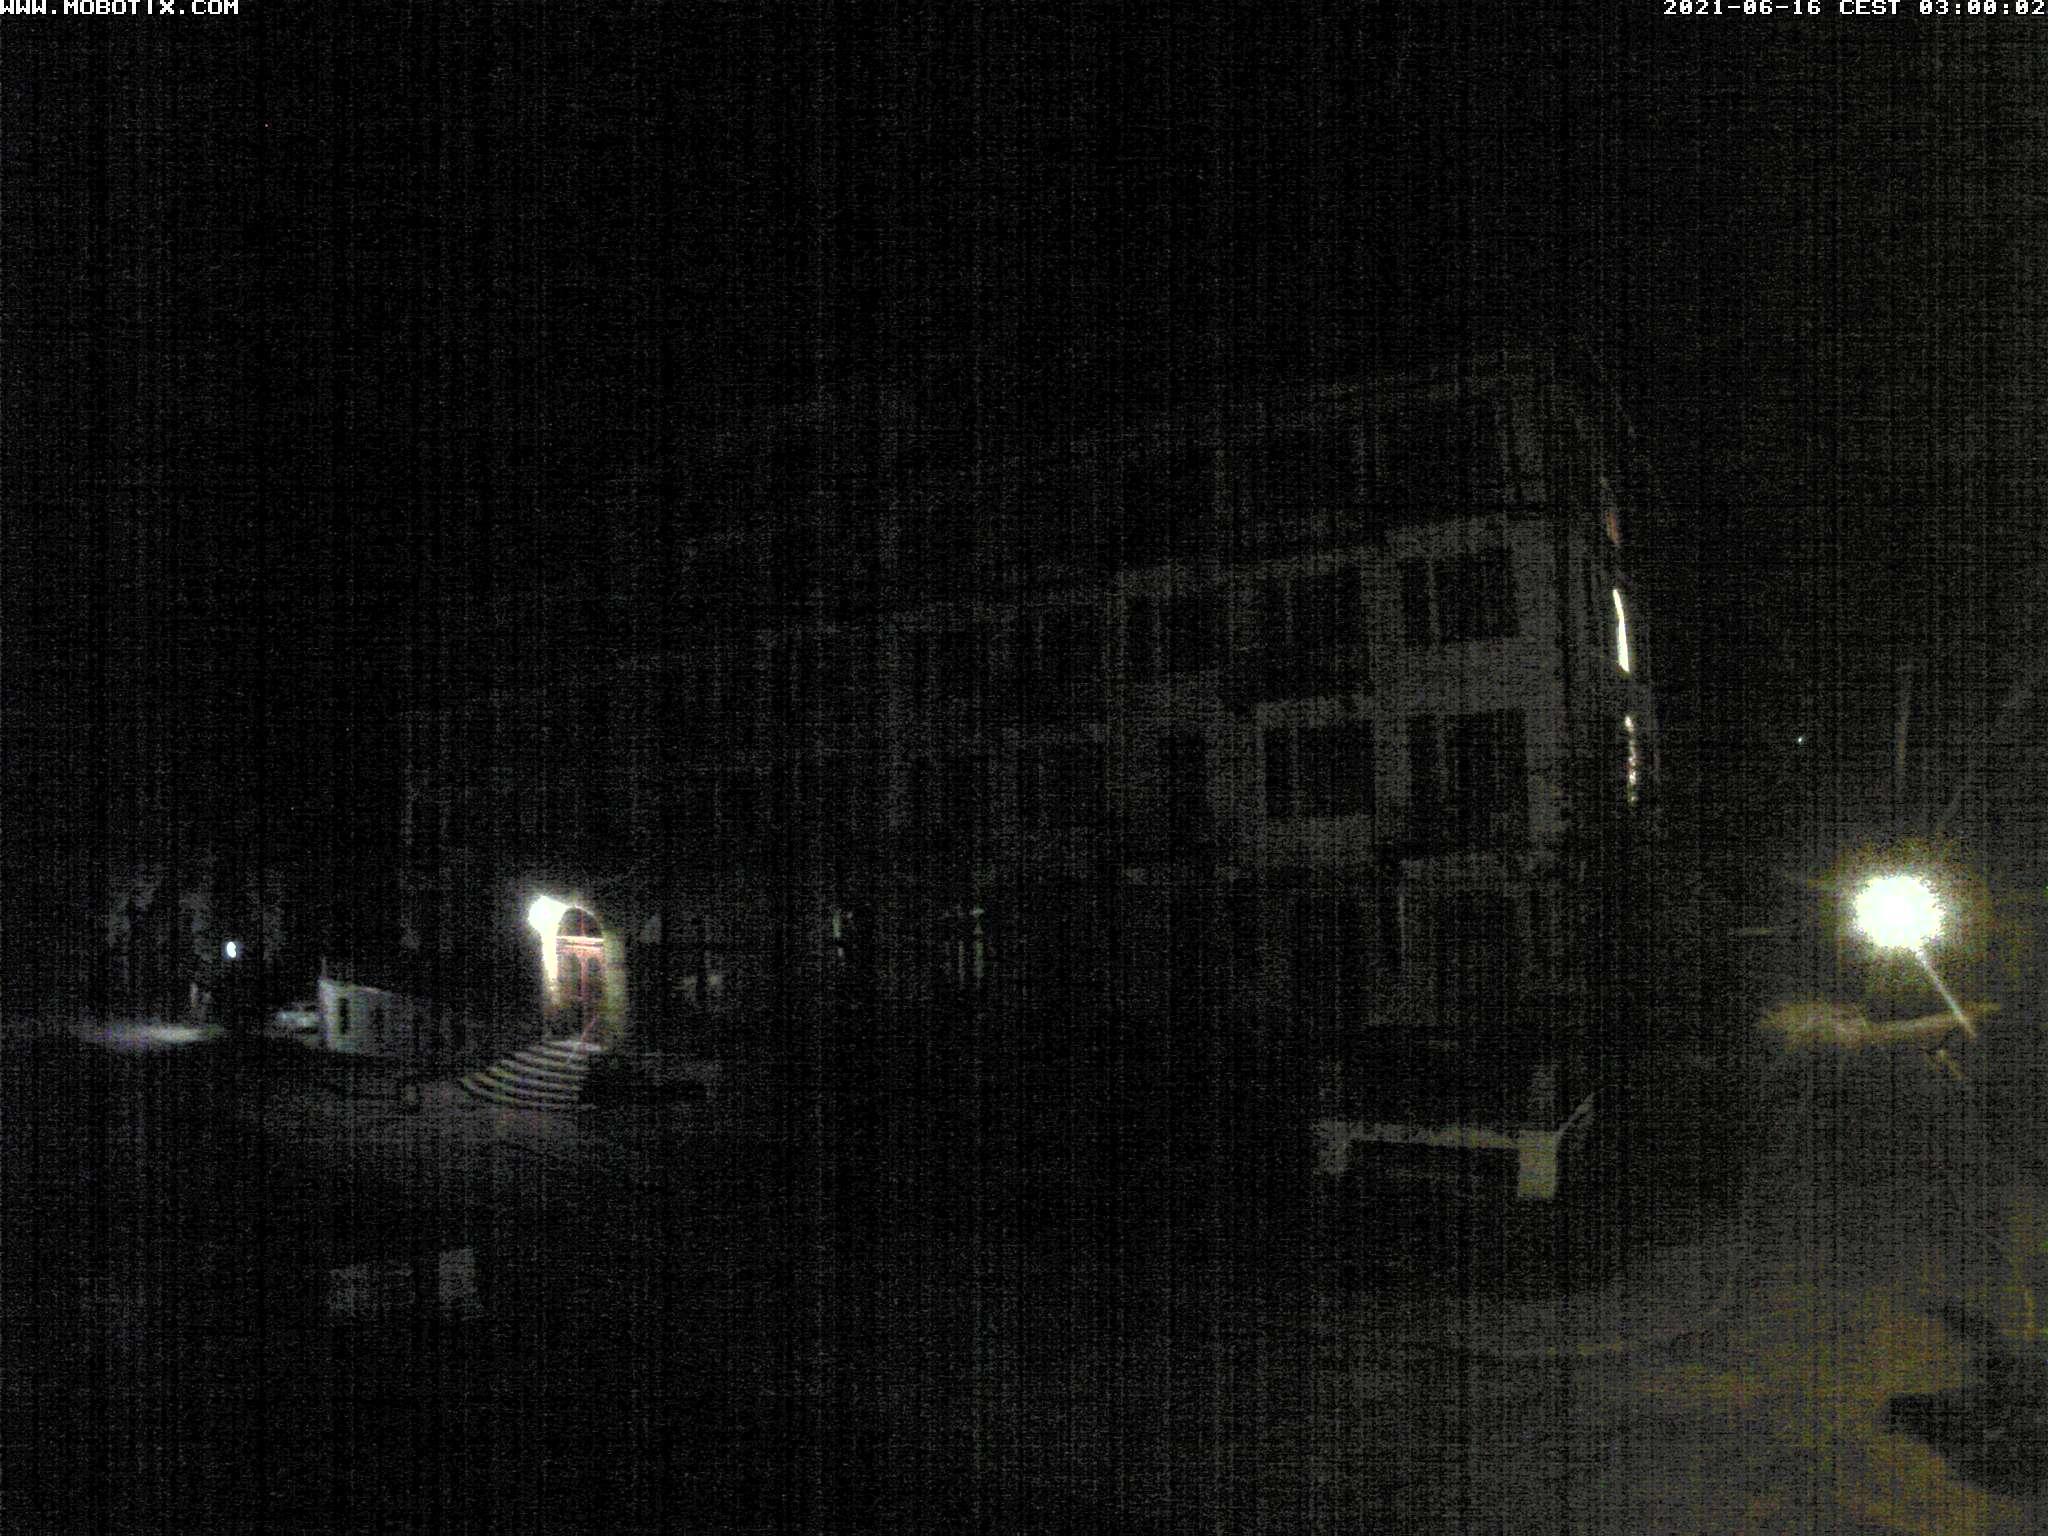 28h ago - 03:00